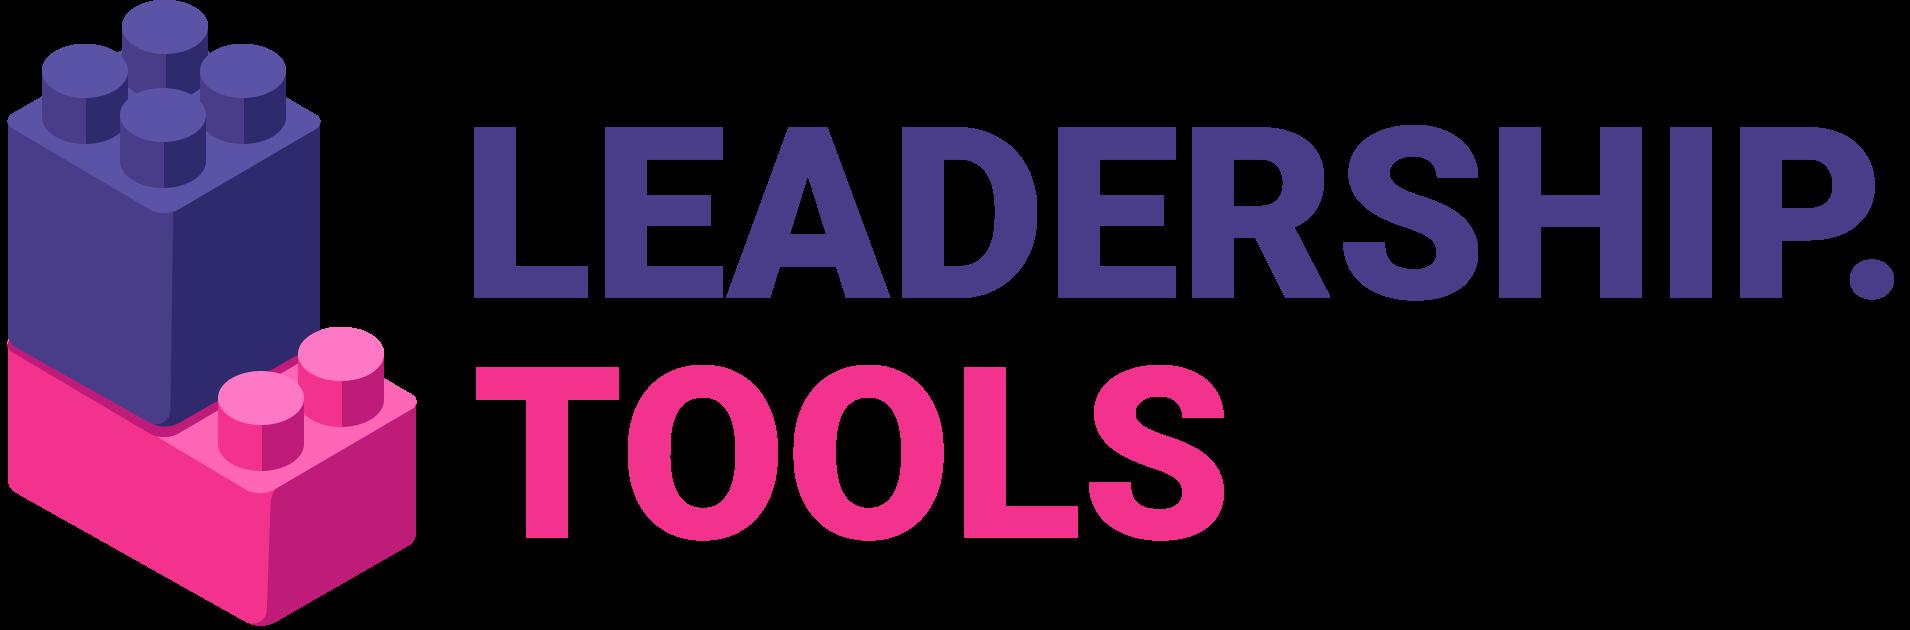 Esta imagem é a logo do projeto. Está escrito Leadership Tools (Que em português significa ferramentas de liderança). A marca é roxa e rosa,  o simbolo são duas pecinhas de LEGO montadas em formato de escada.